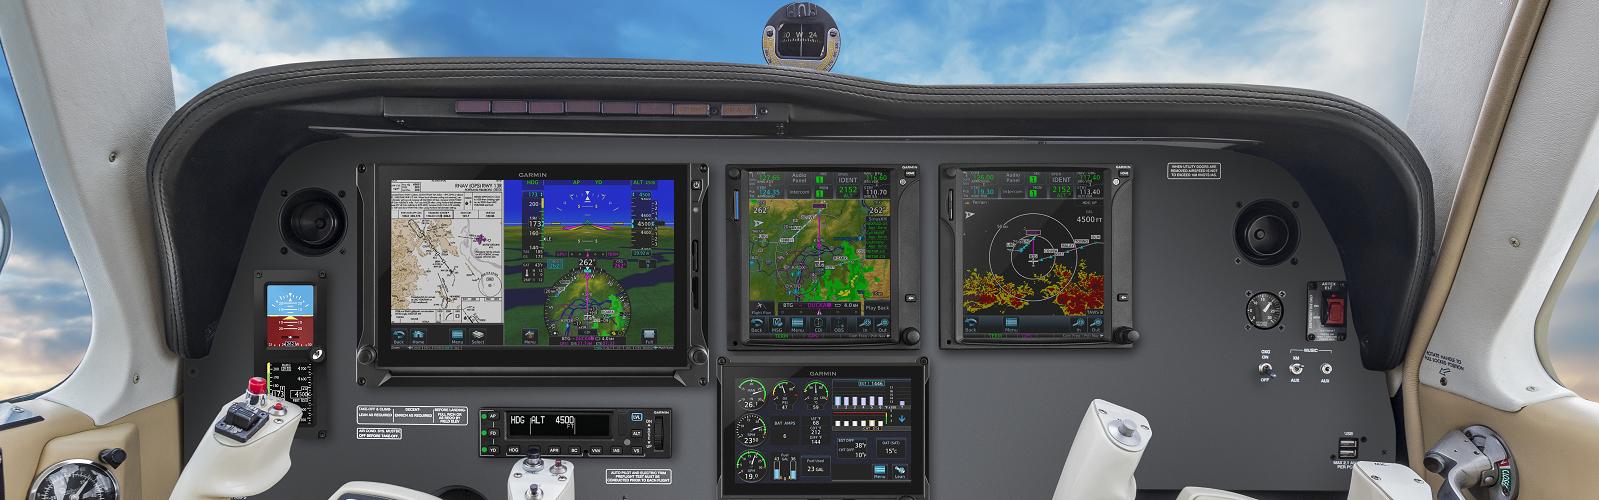 Avionicare